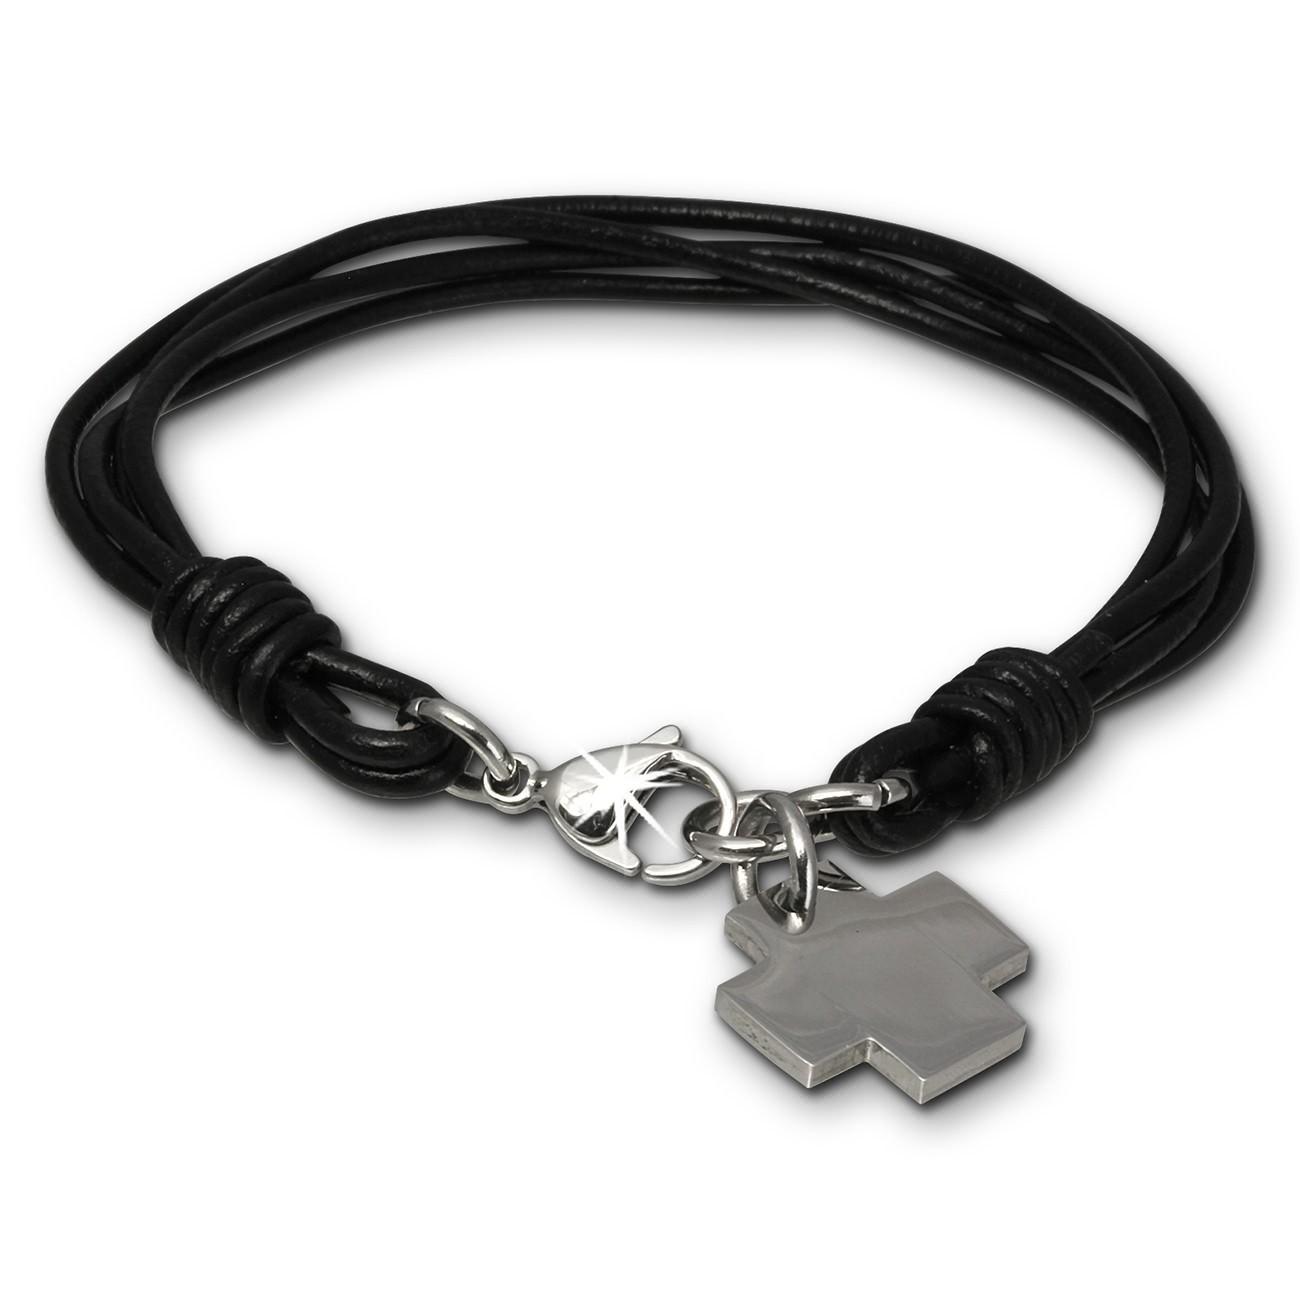 SilberDream Lederarmband Edelstahl Kreuz schwarz Leder Armband LAP004S